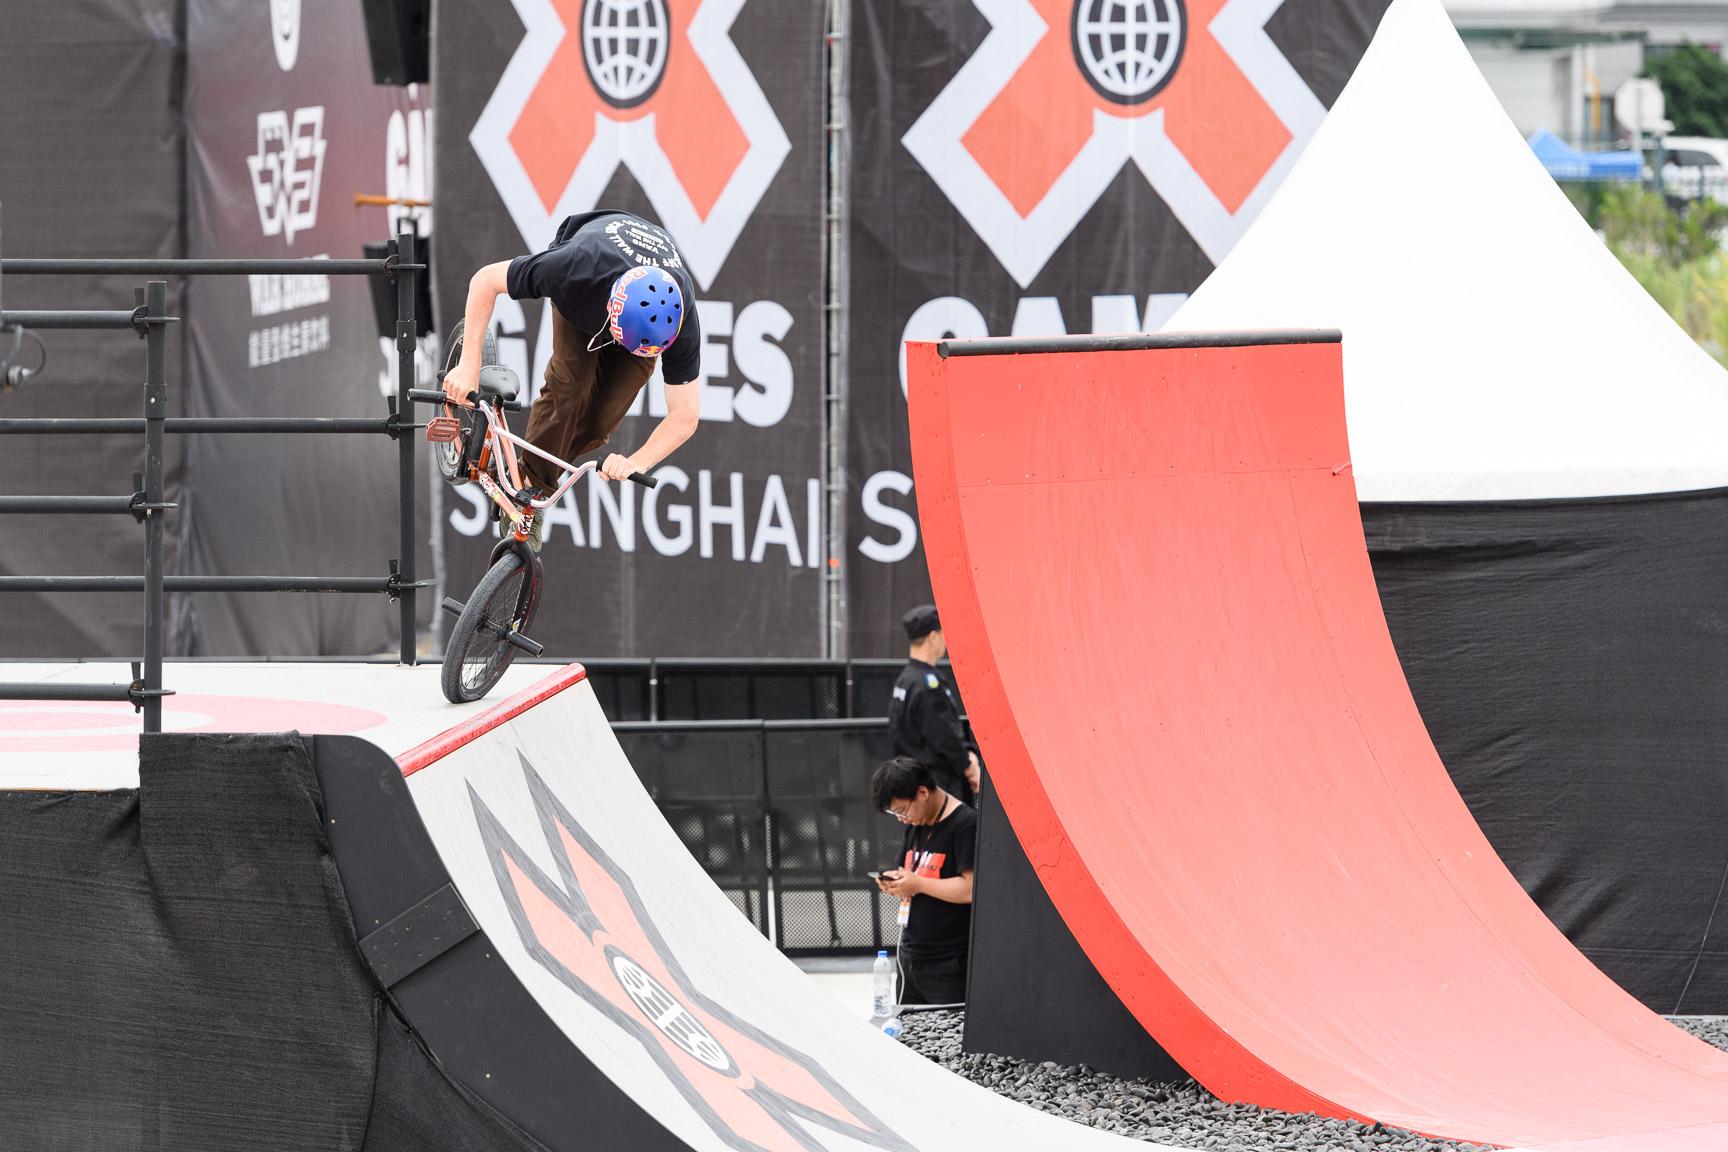 X Games Shanghai 2019: Bruno Hoffmann